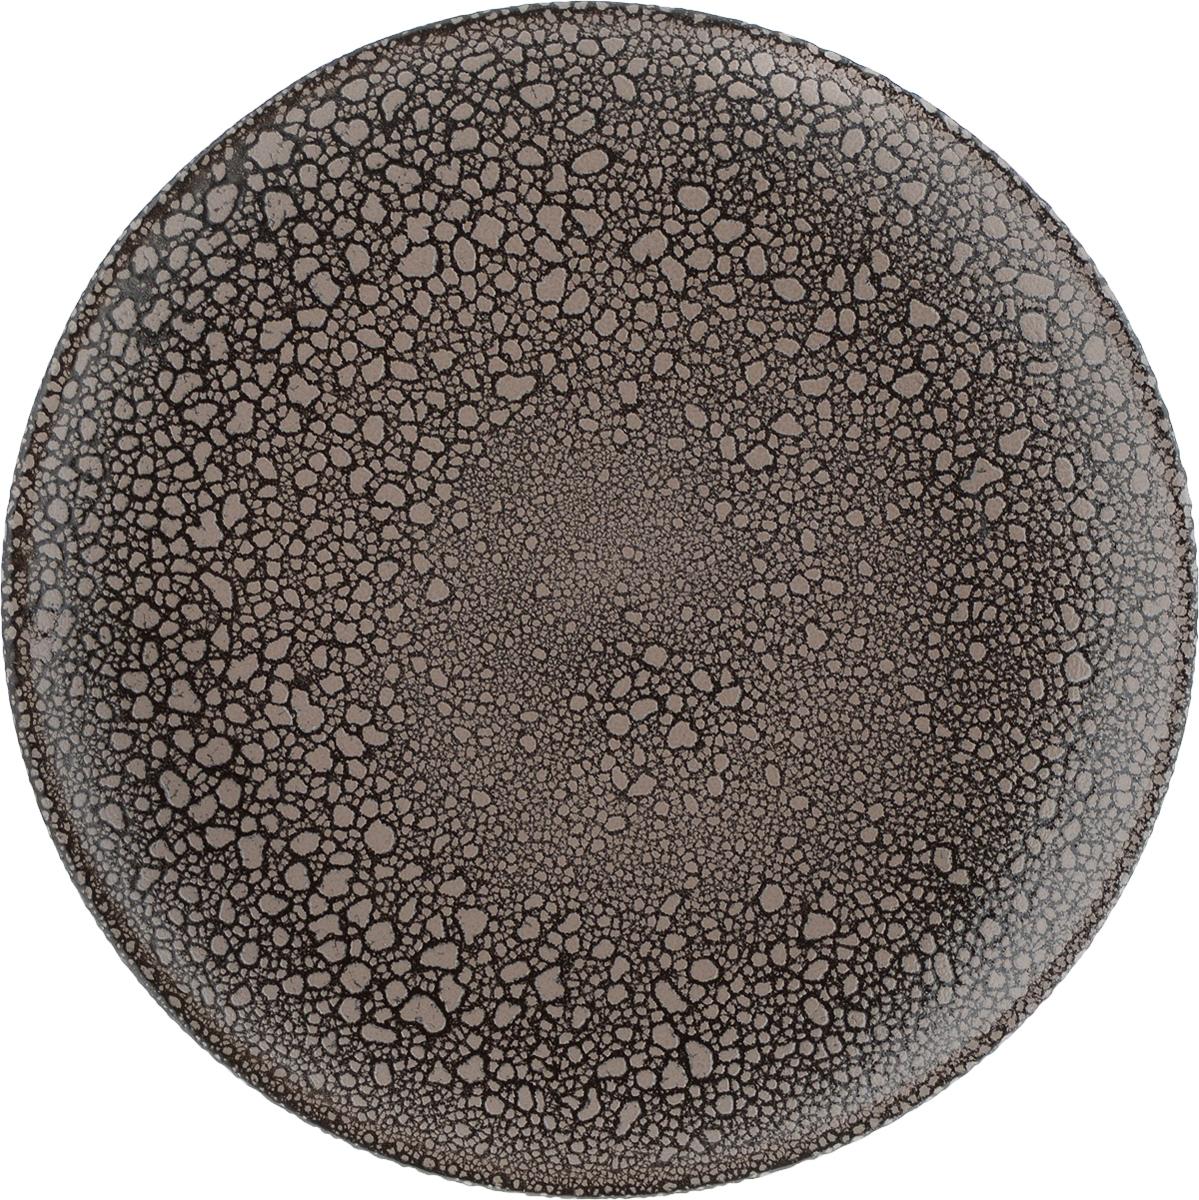 Тарелка Борисовская керамика, цвет: коричневый, серо-бежевый, диаметр 23 см. МРМ00000806МРМ00000806_коричневый в крапинкуТарелка Борисовская керамика, выполненная изглазурованной керамики, имеет оригинальный дизайн.Изделие прекрасно подойдет для сервировки фруктов, подачидесертов и закусок.Такая тарелка прекрасно оформит праздничный стол ипорадует вас и ваших гостей изысканным дизайном и формой.